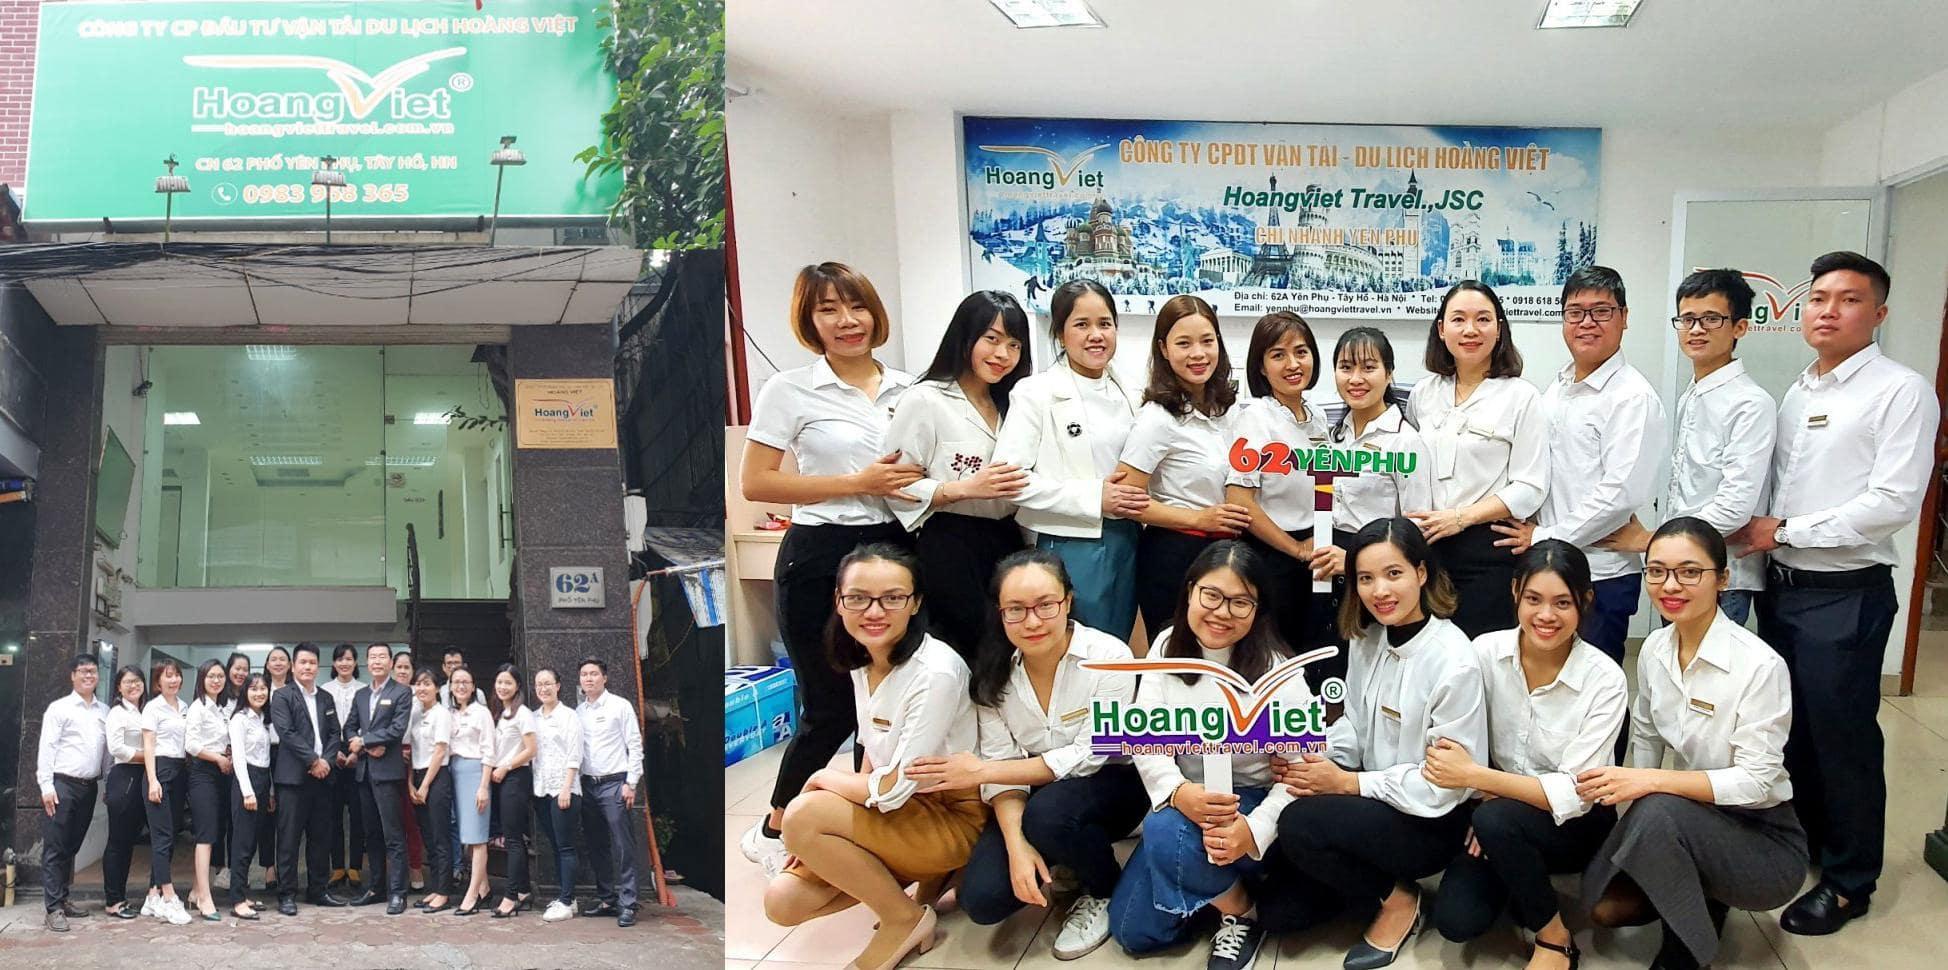 Đi tour du lịch Côn Minh Lệ Giang tại Hoàng Việt Travel